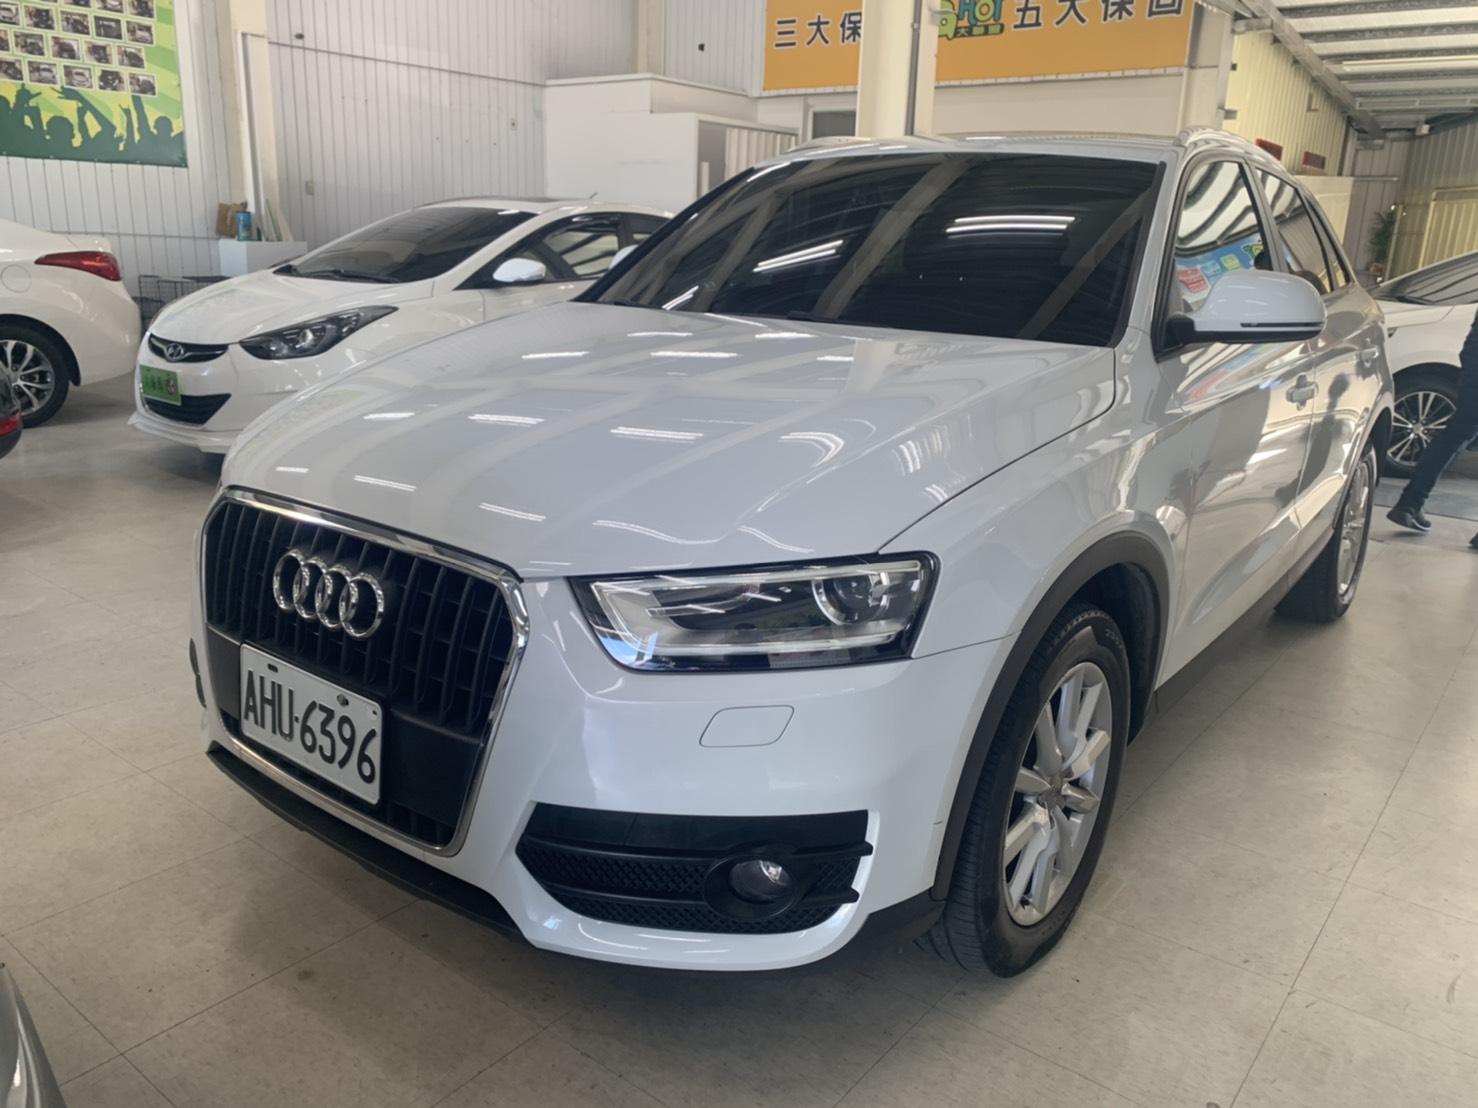 2013 Audi 奧迪 Q3